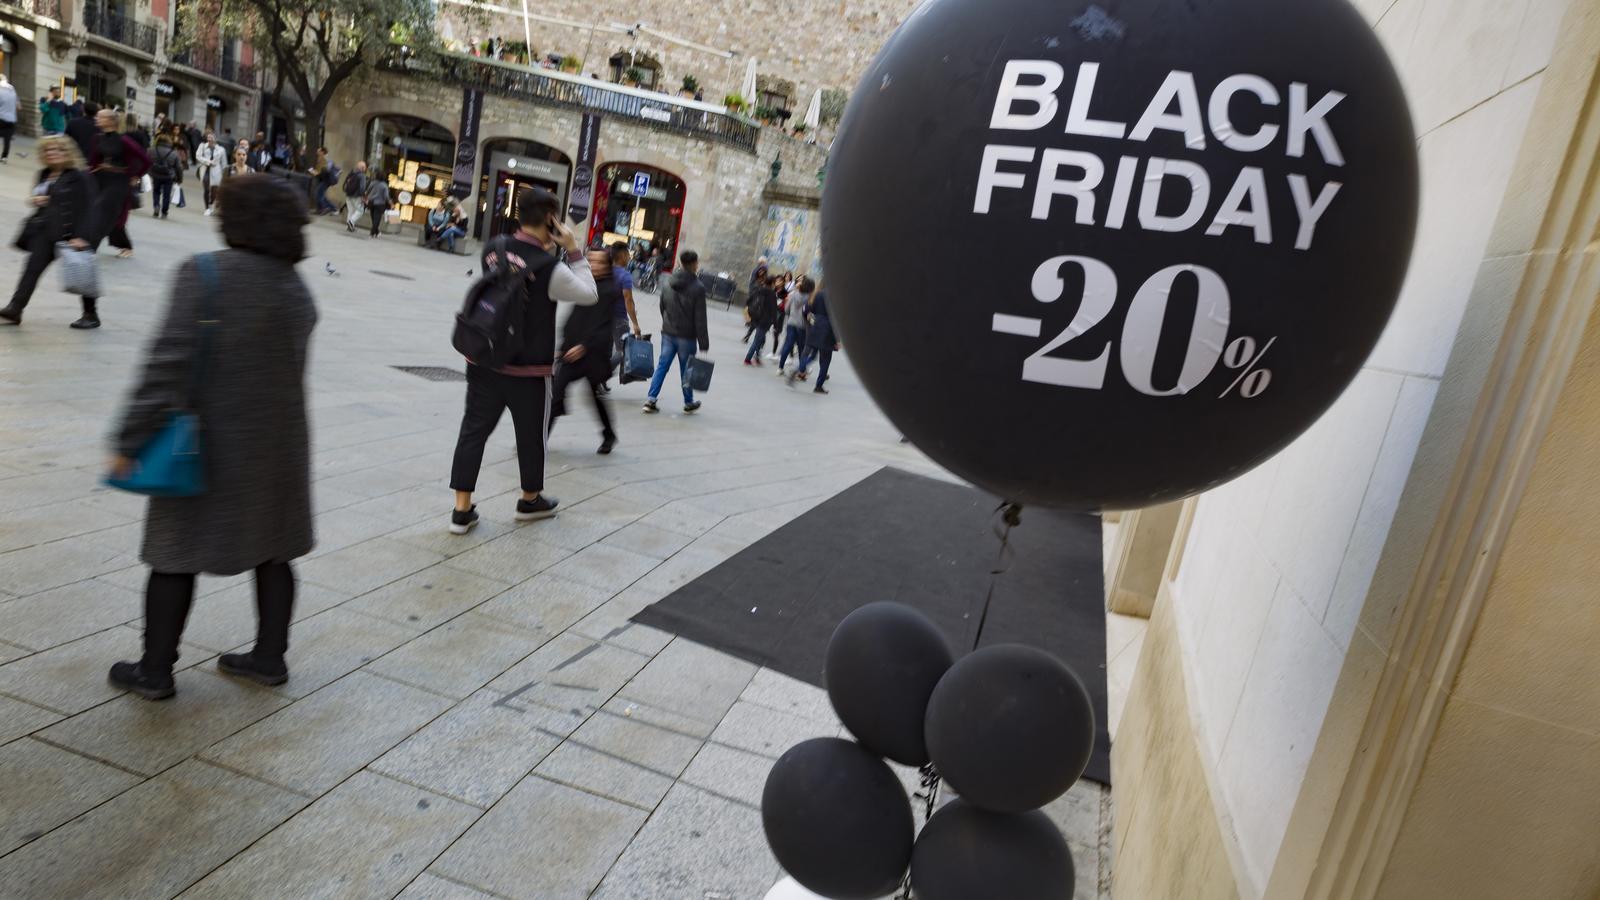 Anuncis de descomptes pel Black Friday / MARC ROVIRA